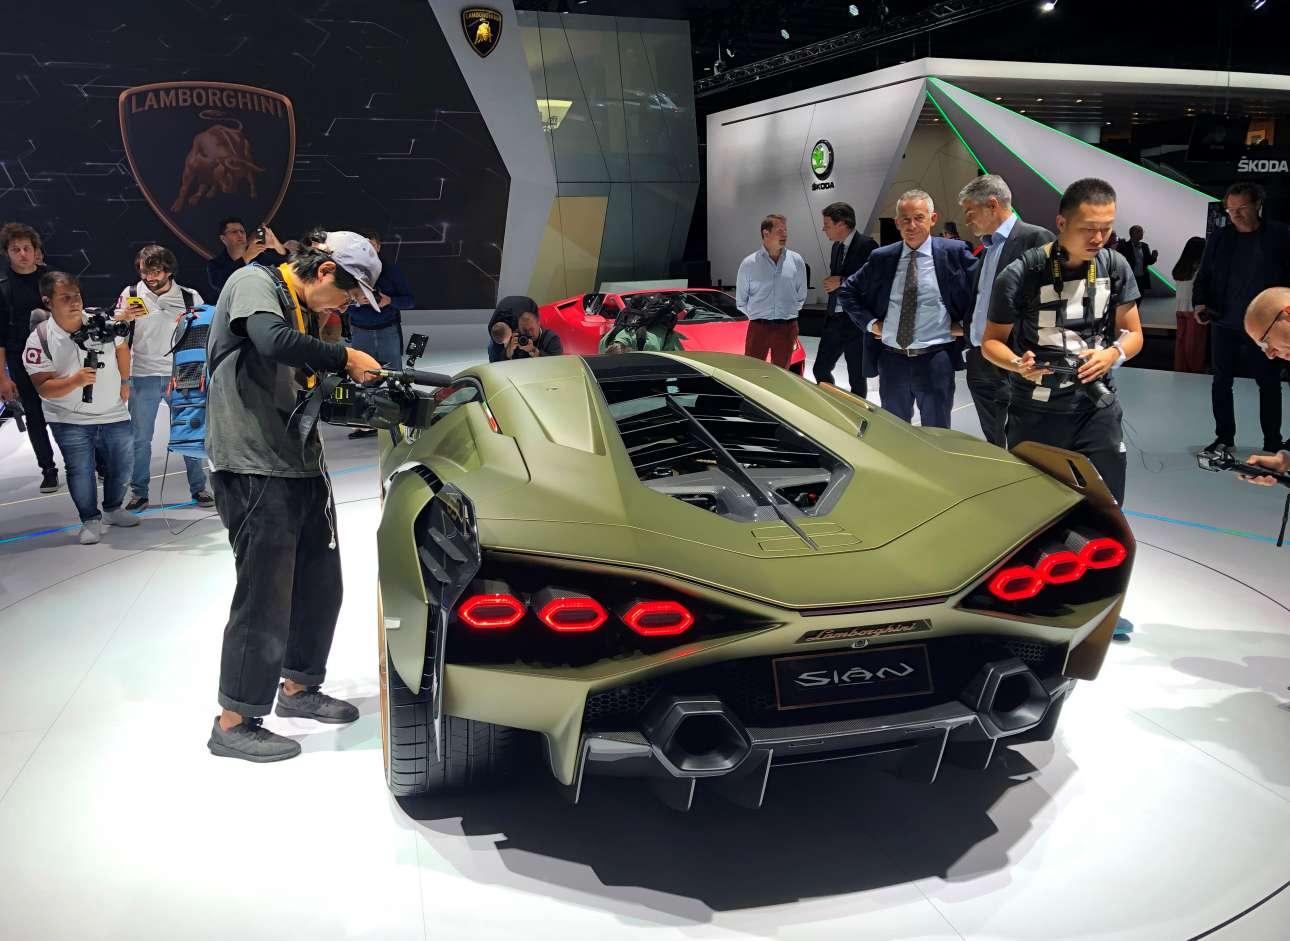 Το υβριδικό Lamborghini Sian 3A limited edition, έρχεται σε μιλιταριστικές γραμμές, ετοιμοπόλεμο και χωρίς ανταγωνισμό στην κατηγορία του